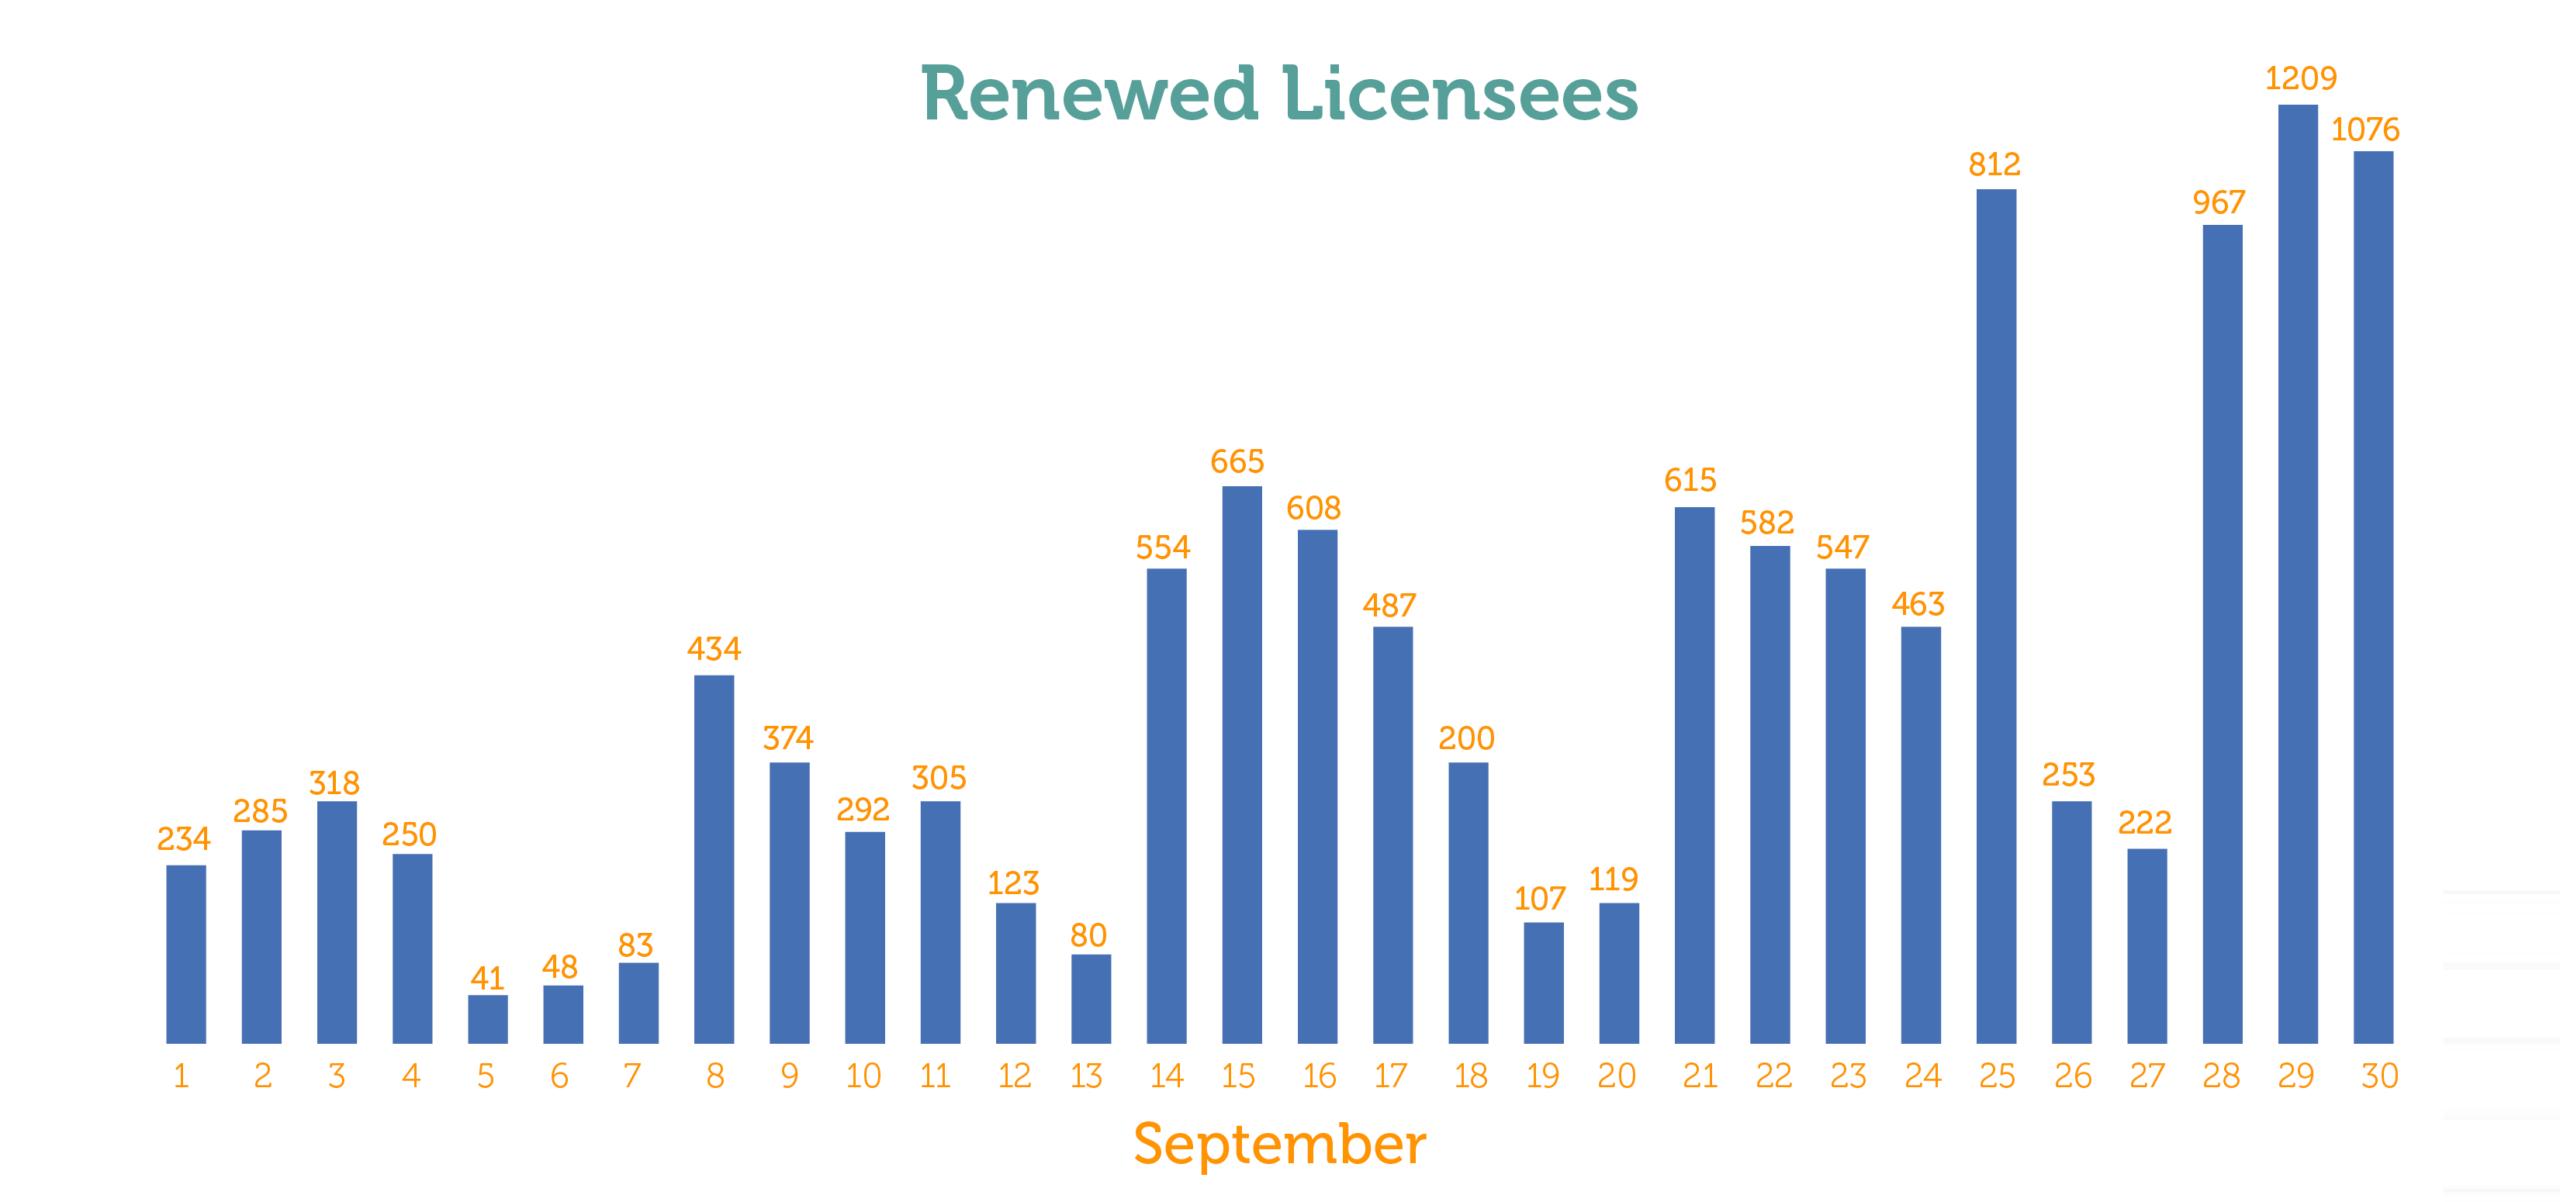 Licensing Renewal Roundup 2020 Image